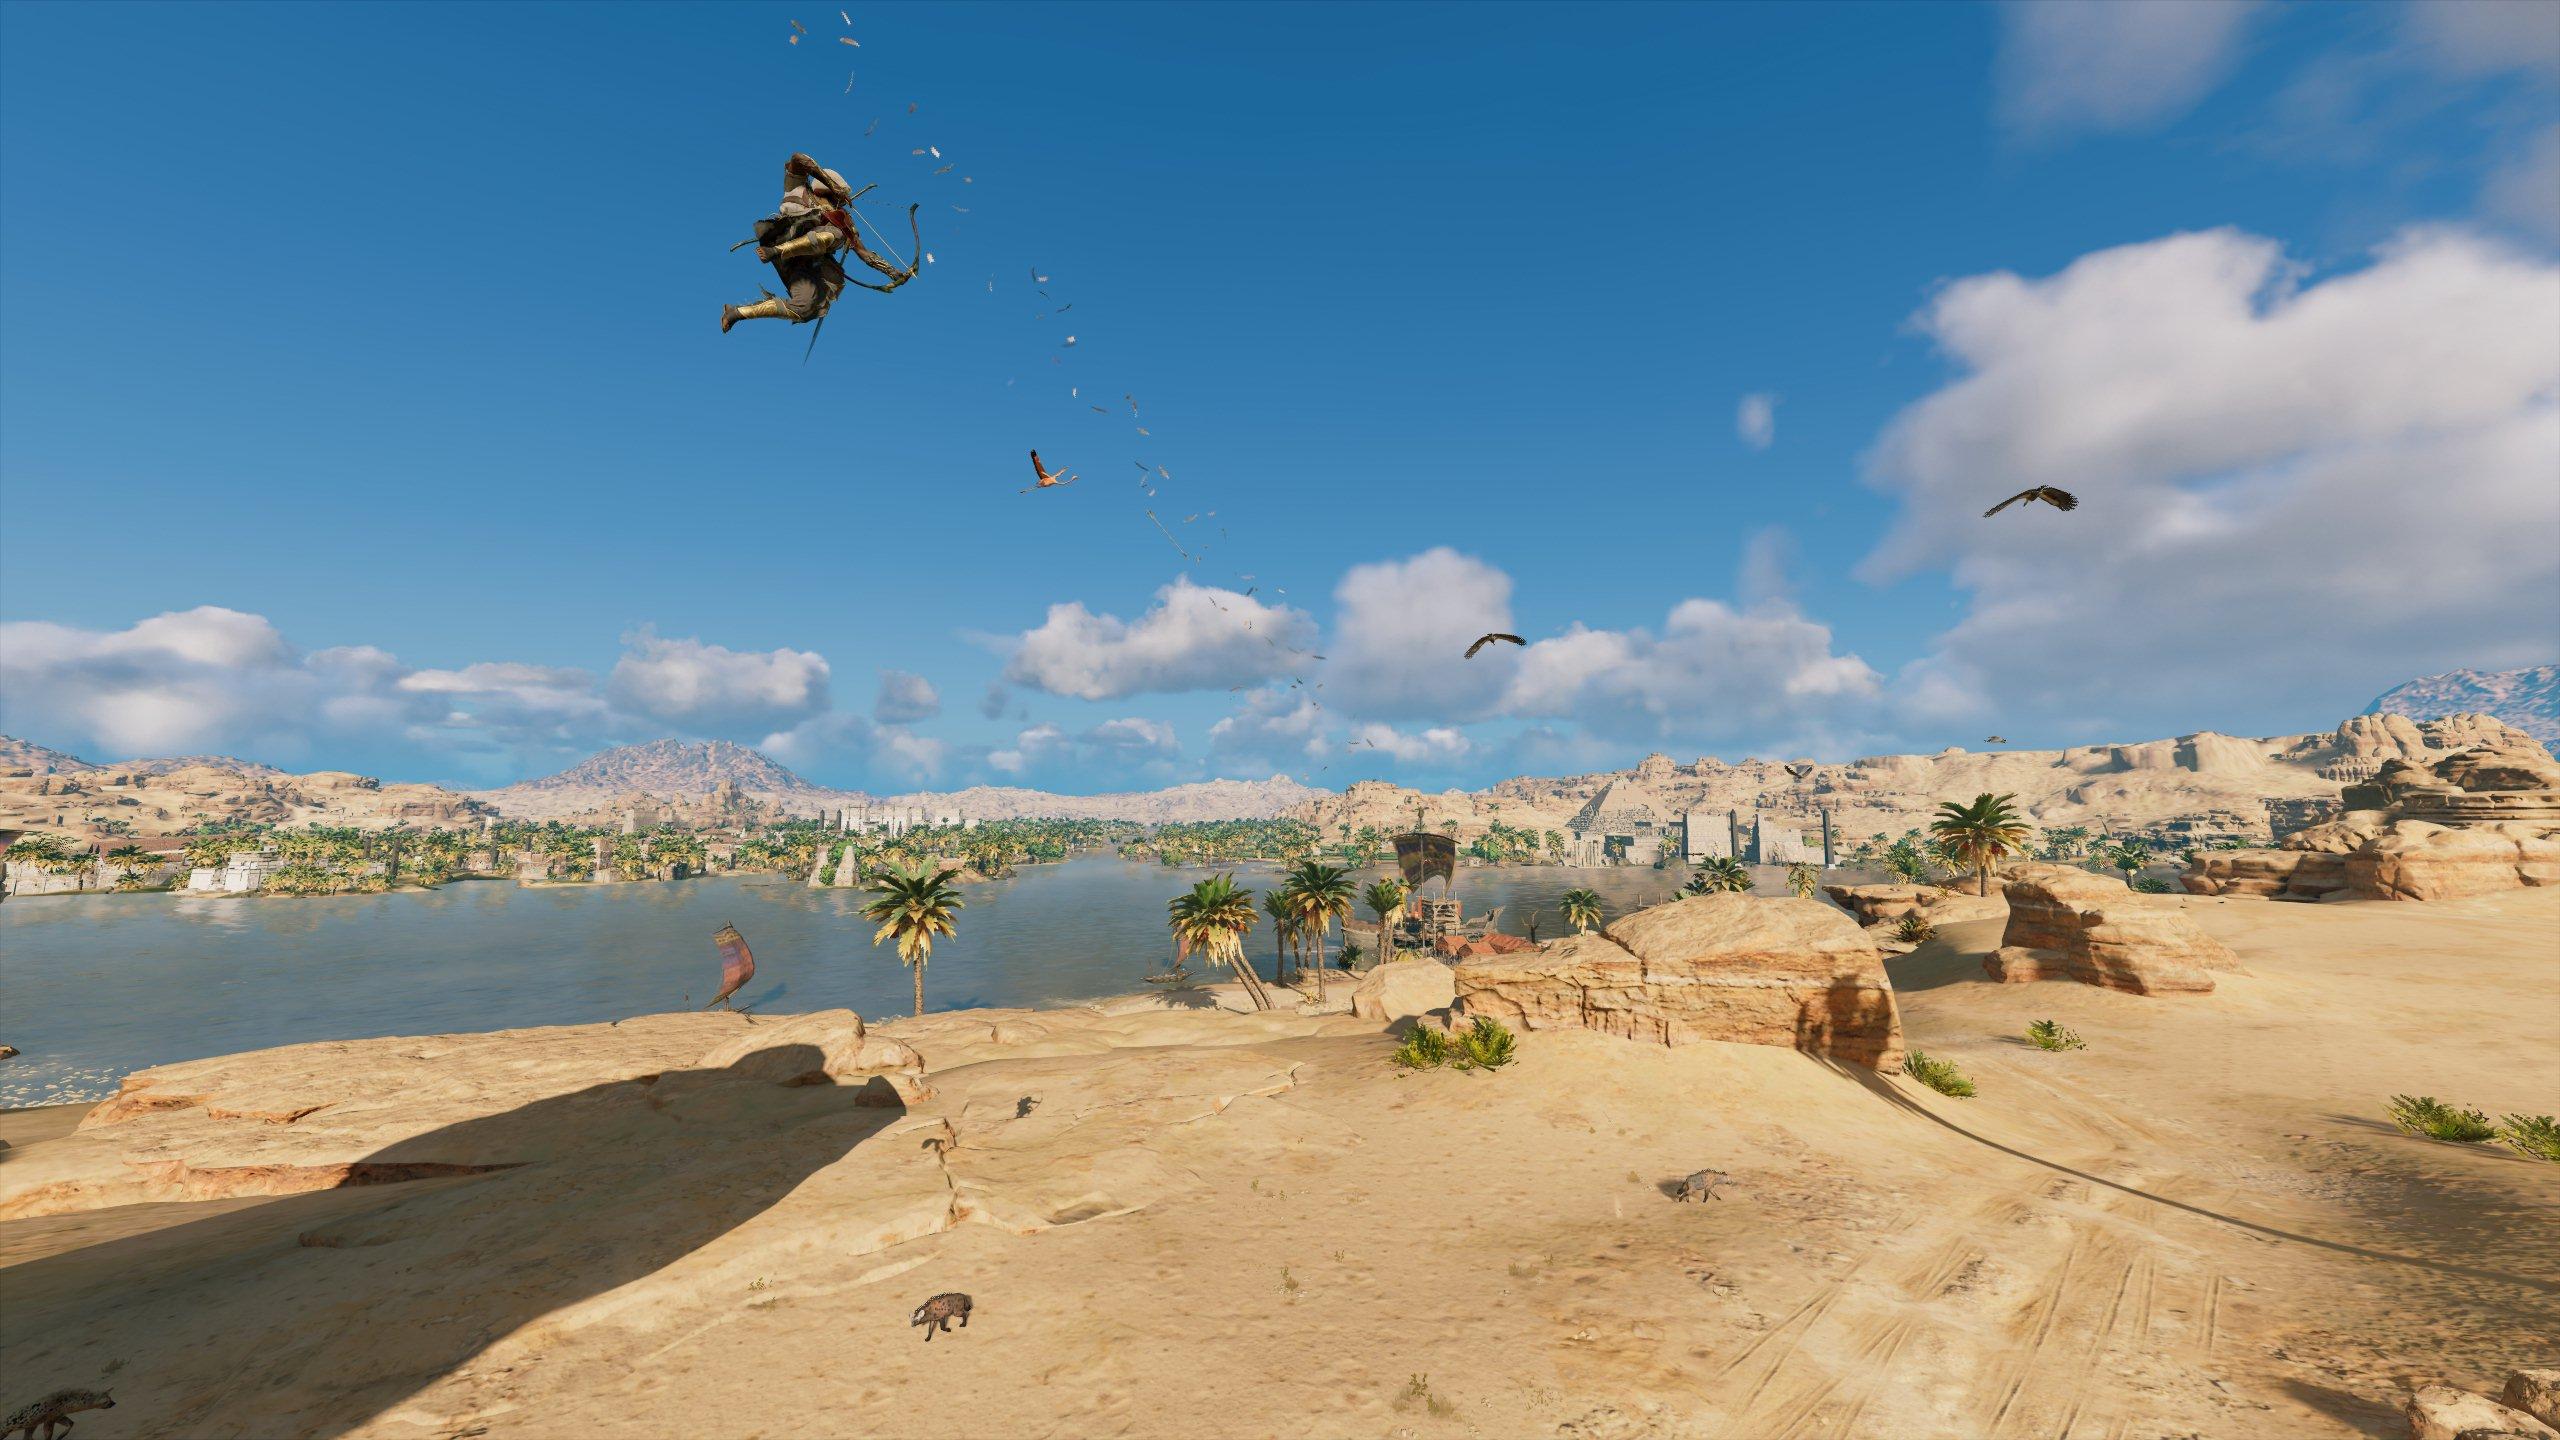 20200215164559.jpg - Assassin's Creed: Origins